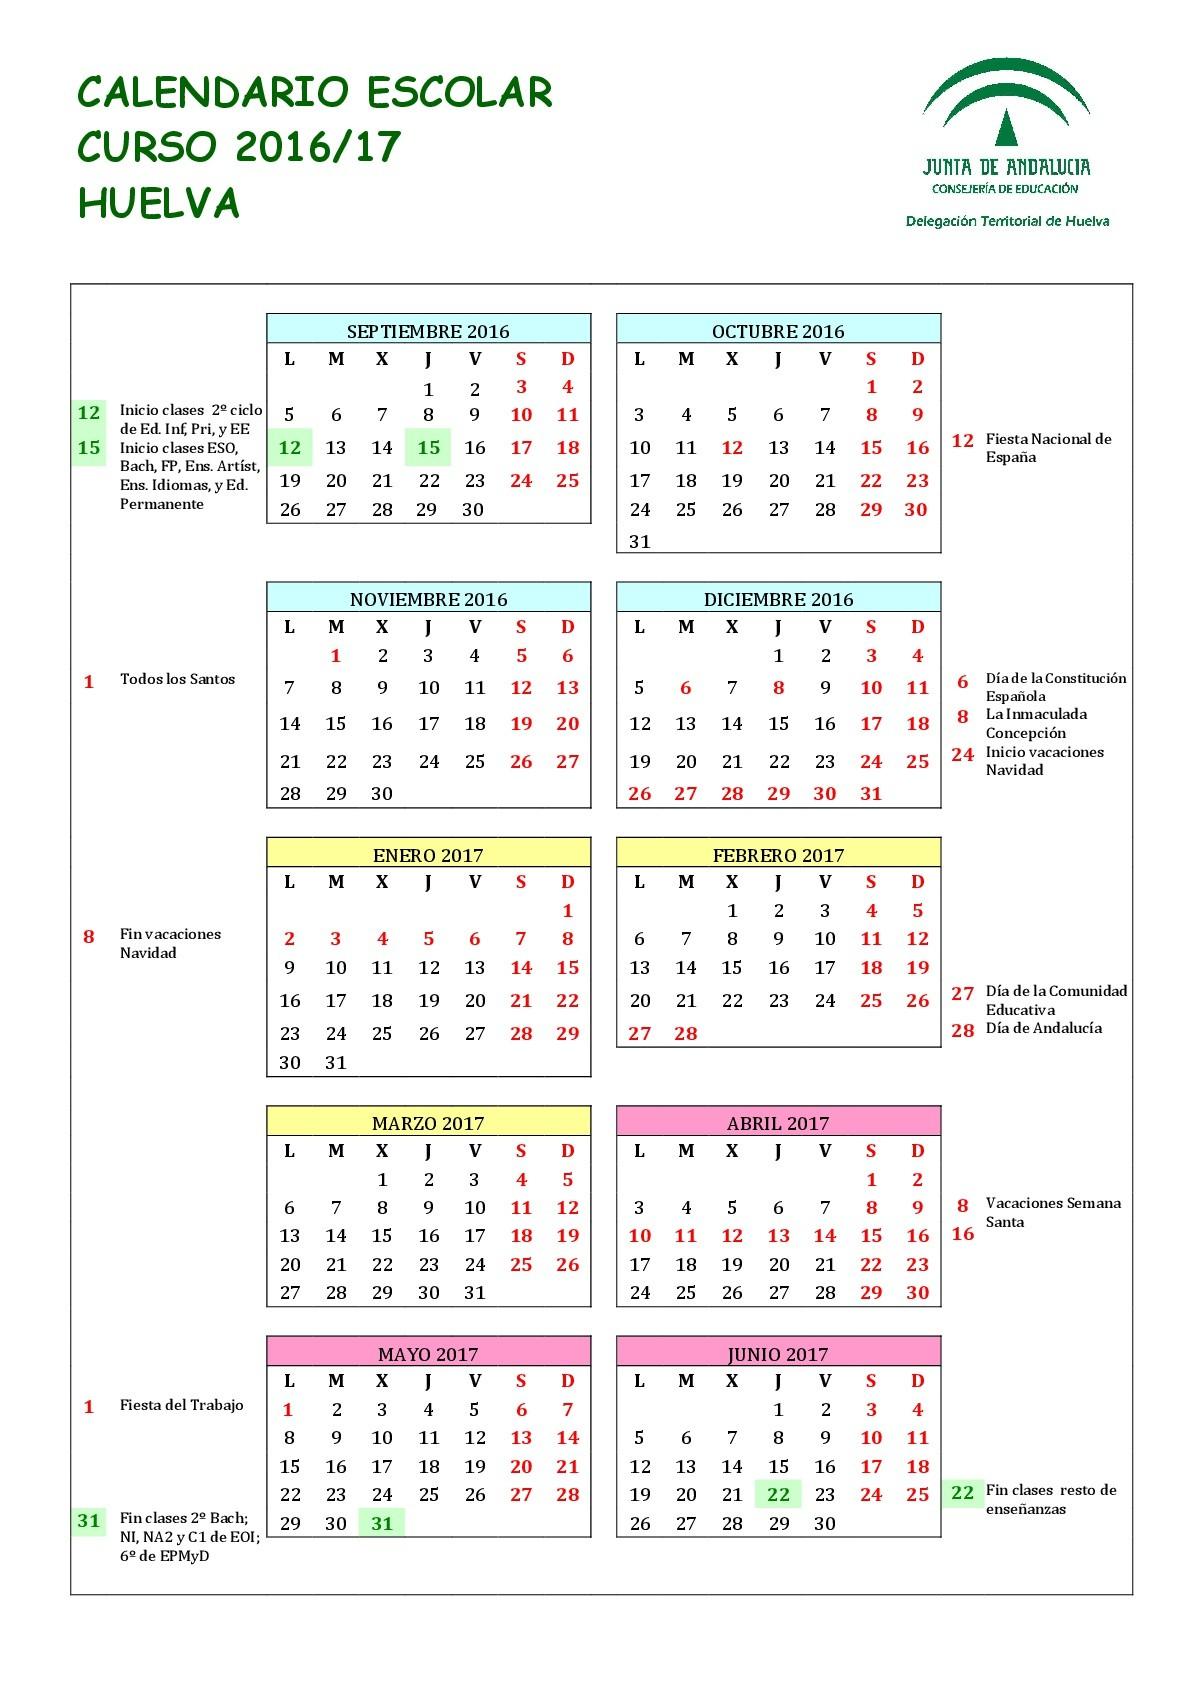 Calendario escolares 2016 2017 Huelva